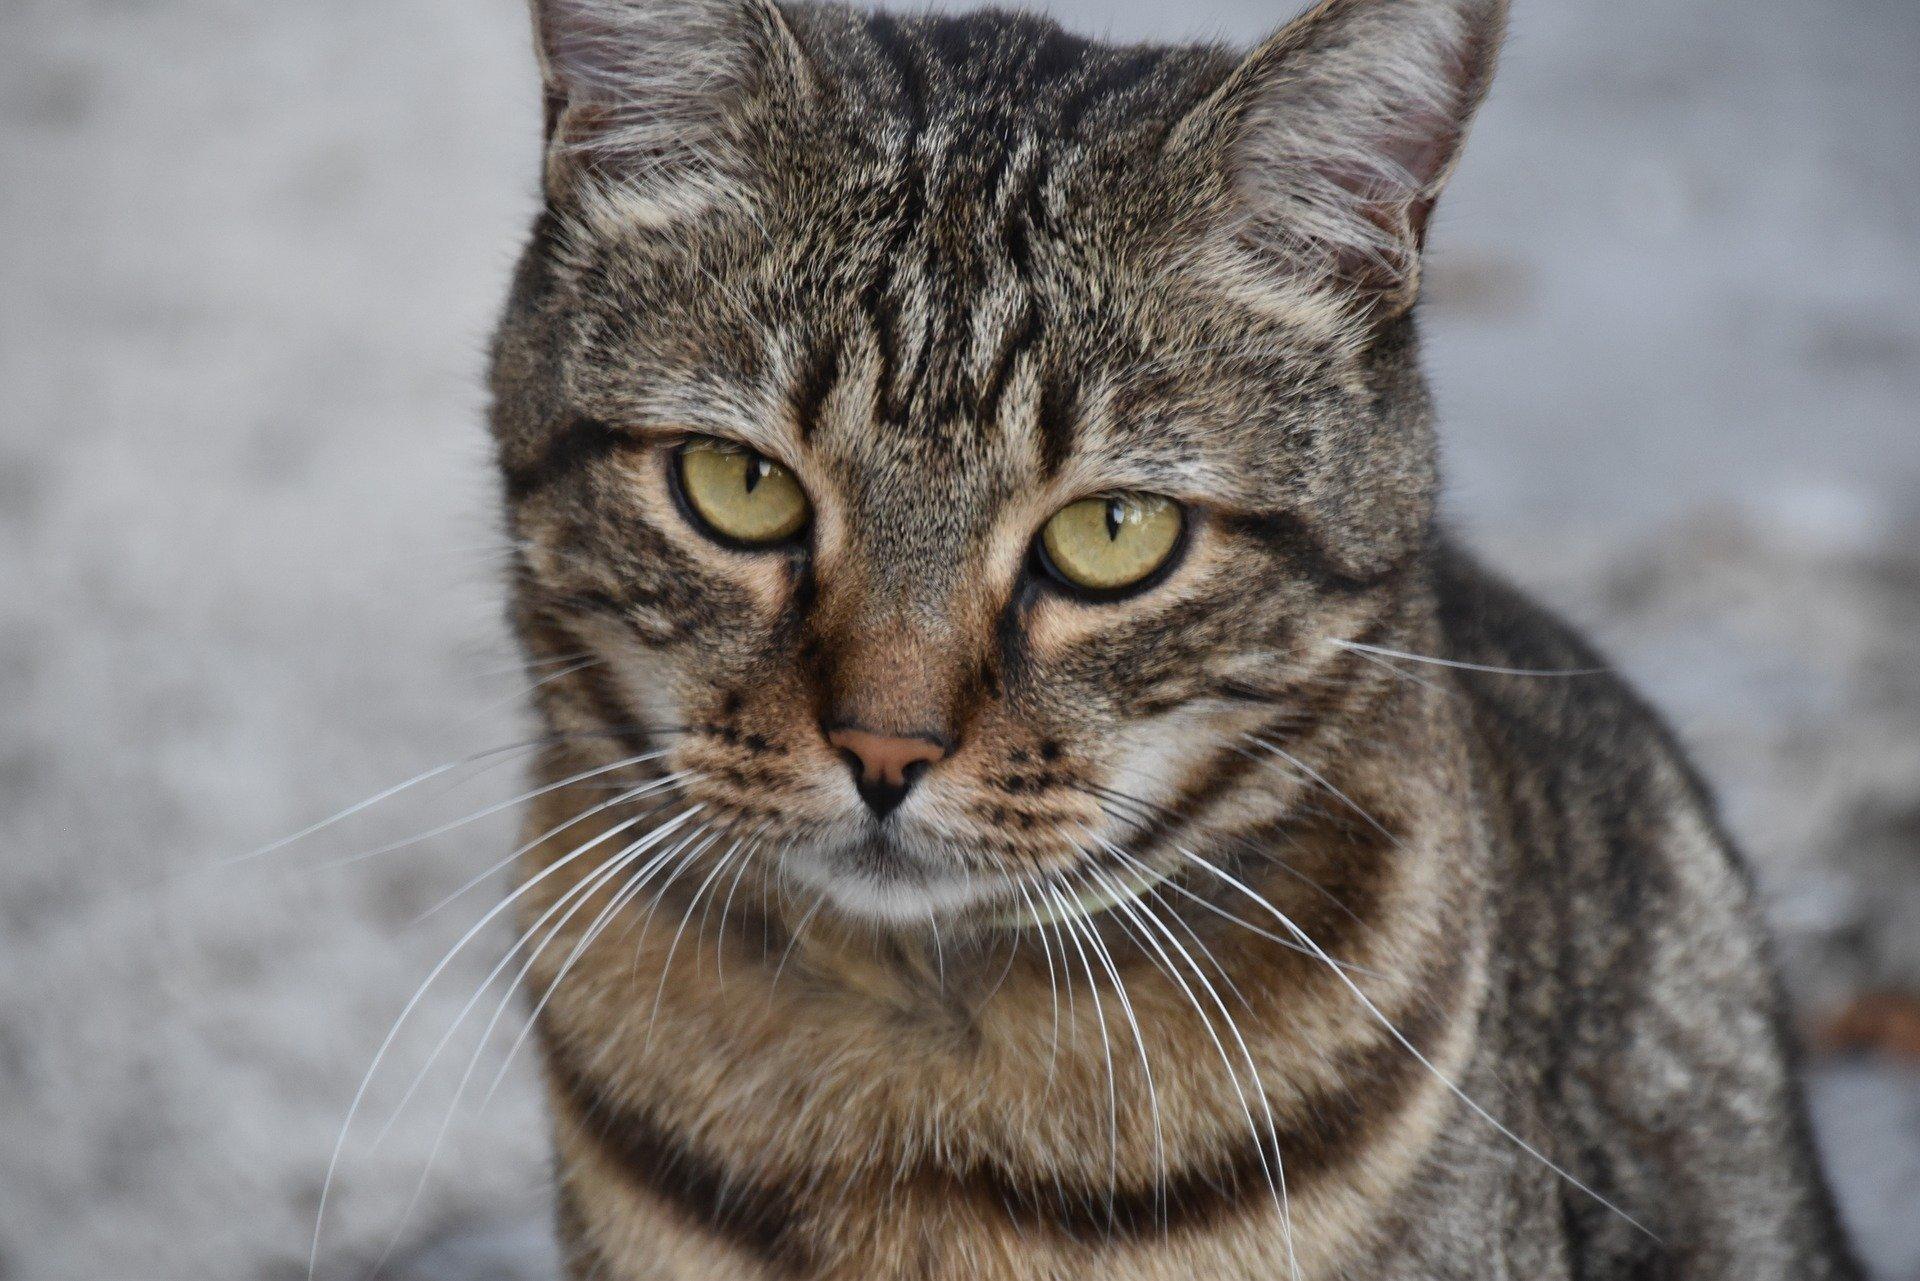 cat 2715302 1920.jpg?resize=412,232 - Malaisie : un homme condamné après avoir tué une chatte dans un sèche-linge